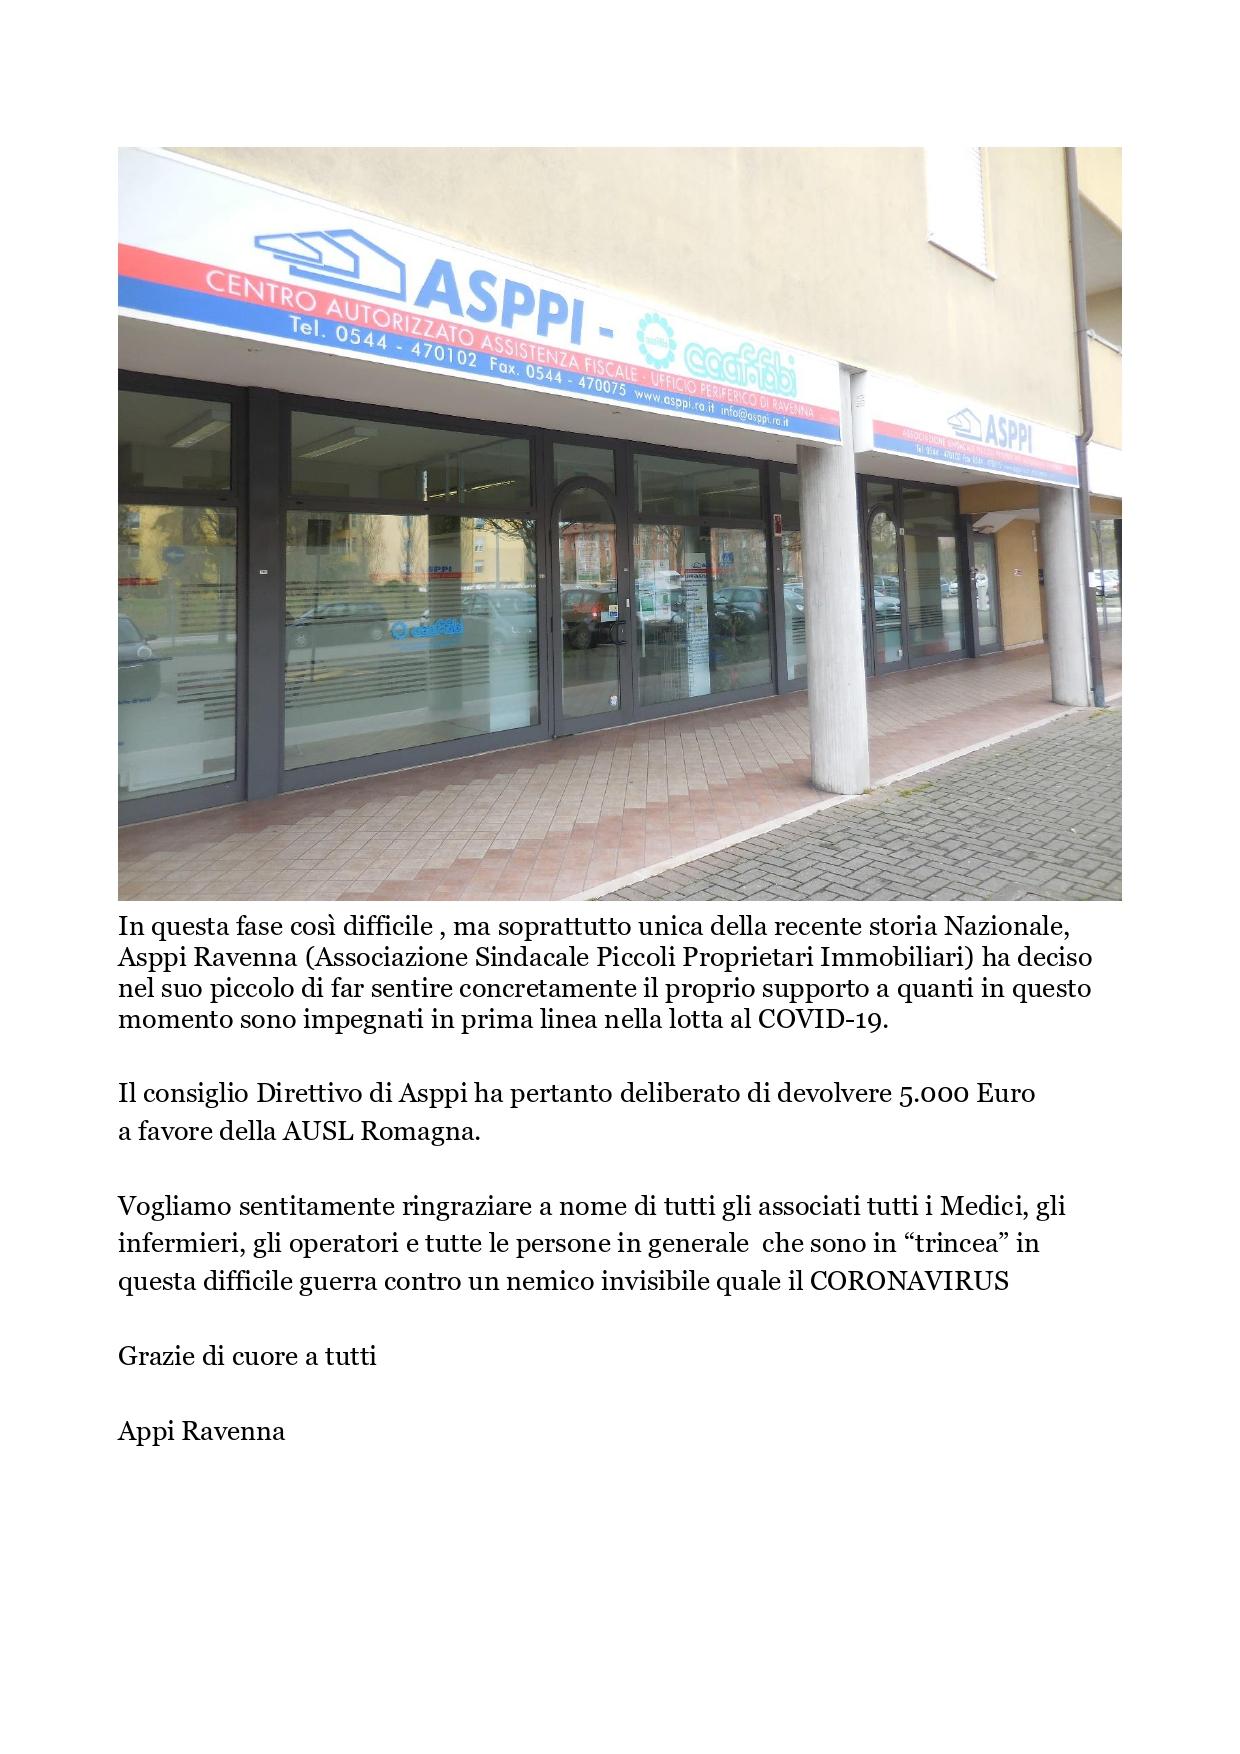 Asppi Ravenna: Donazione a favore della AUSL Romagna impegnata in prima linea nella lotta al COVID-19